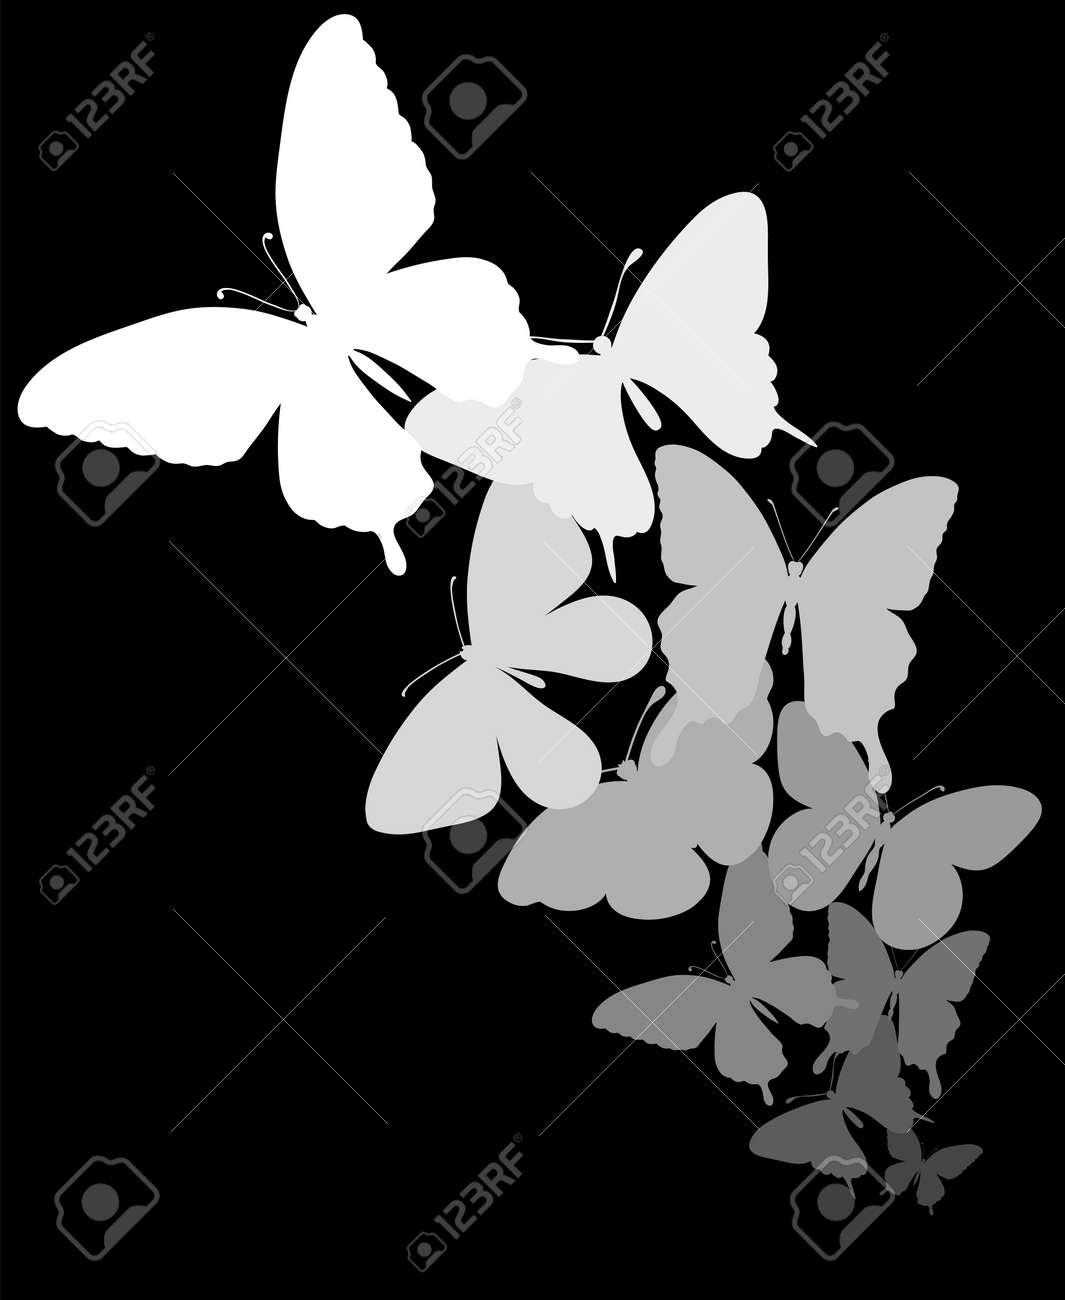 Frontera De Las Mariposas Que Vuelan Con El Espacio Para El Mensaje